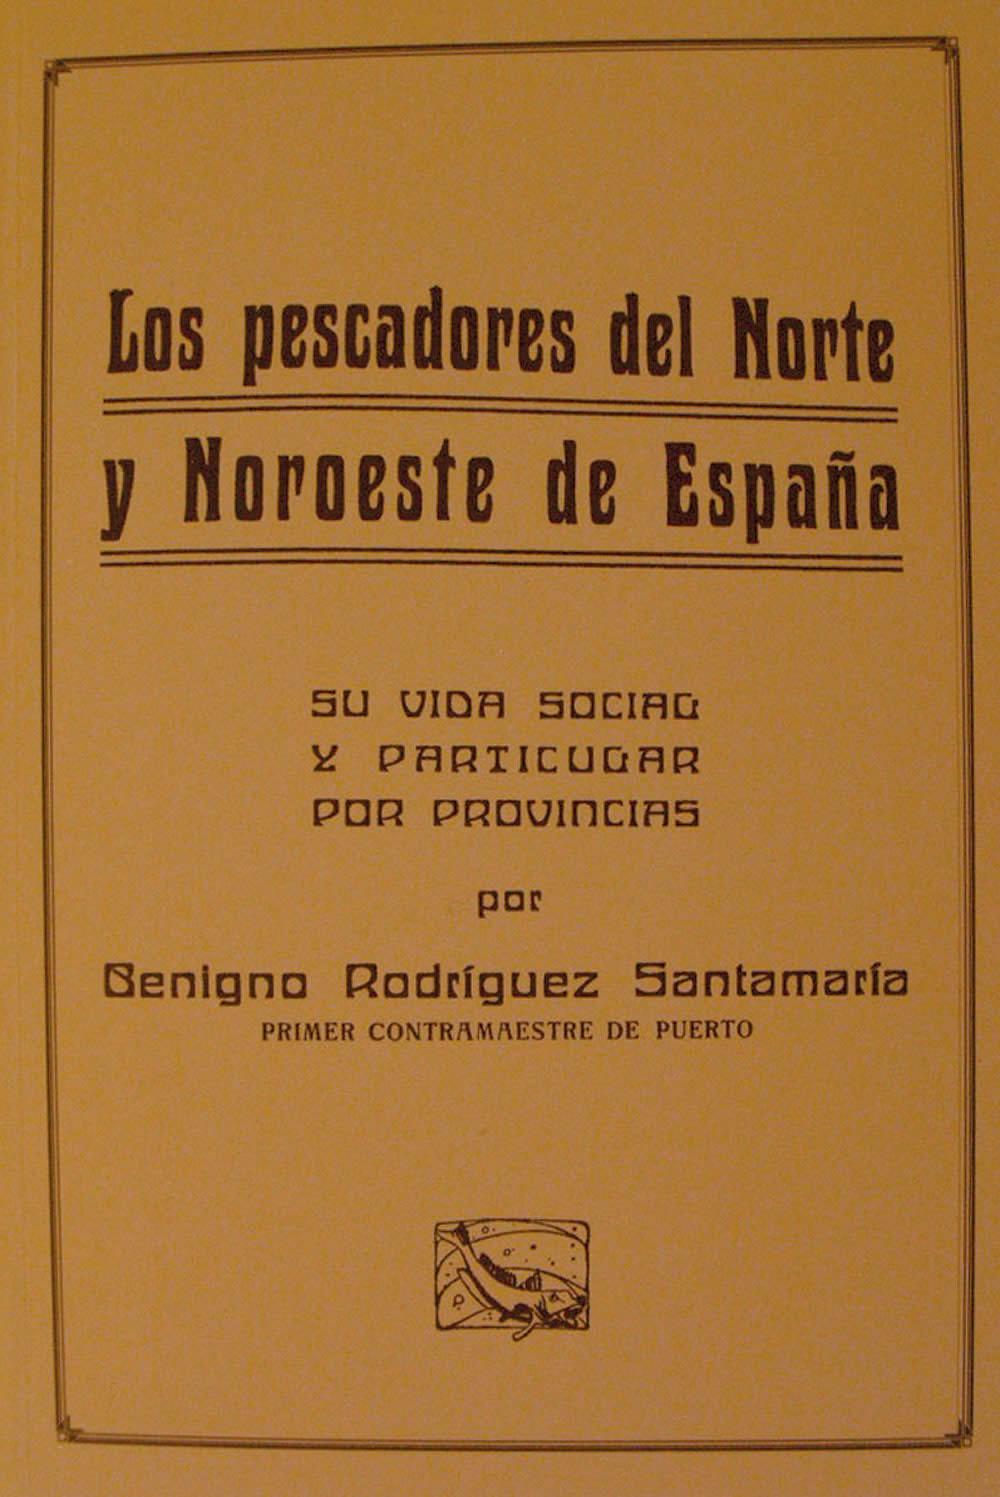 Portada de Los pescadores del norte y noroeste de España